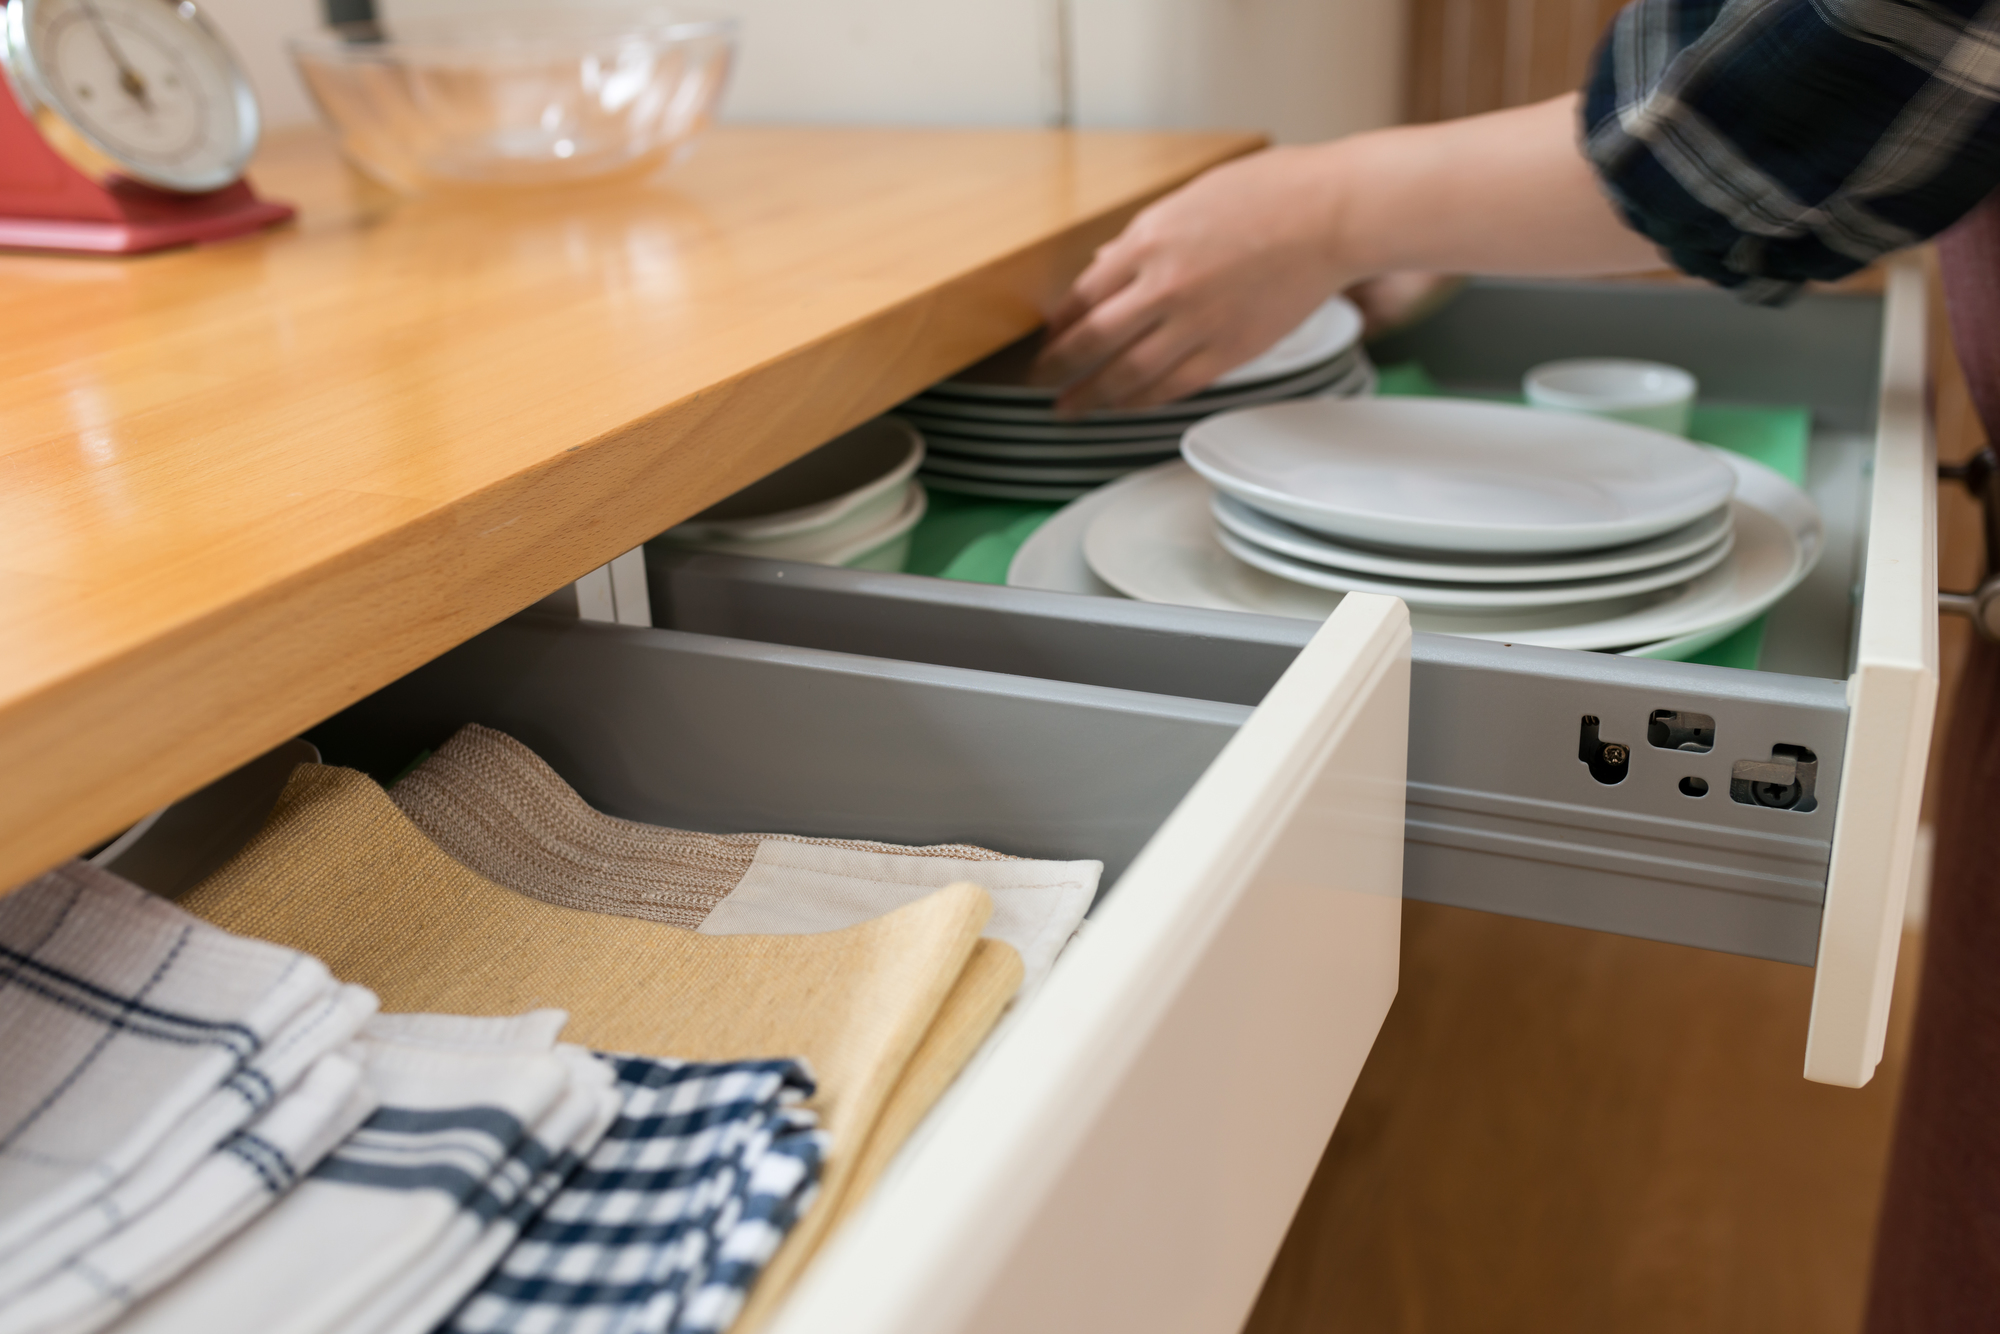 マンションの狭いキッチンでも大丈夫!キッチン用品を上手に収納する方法